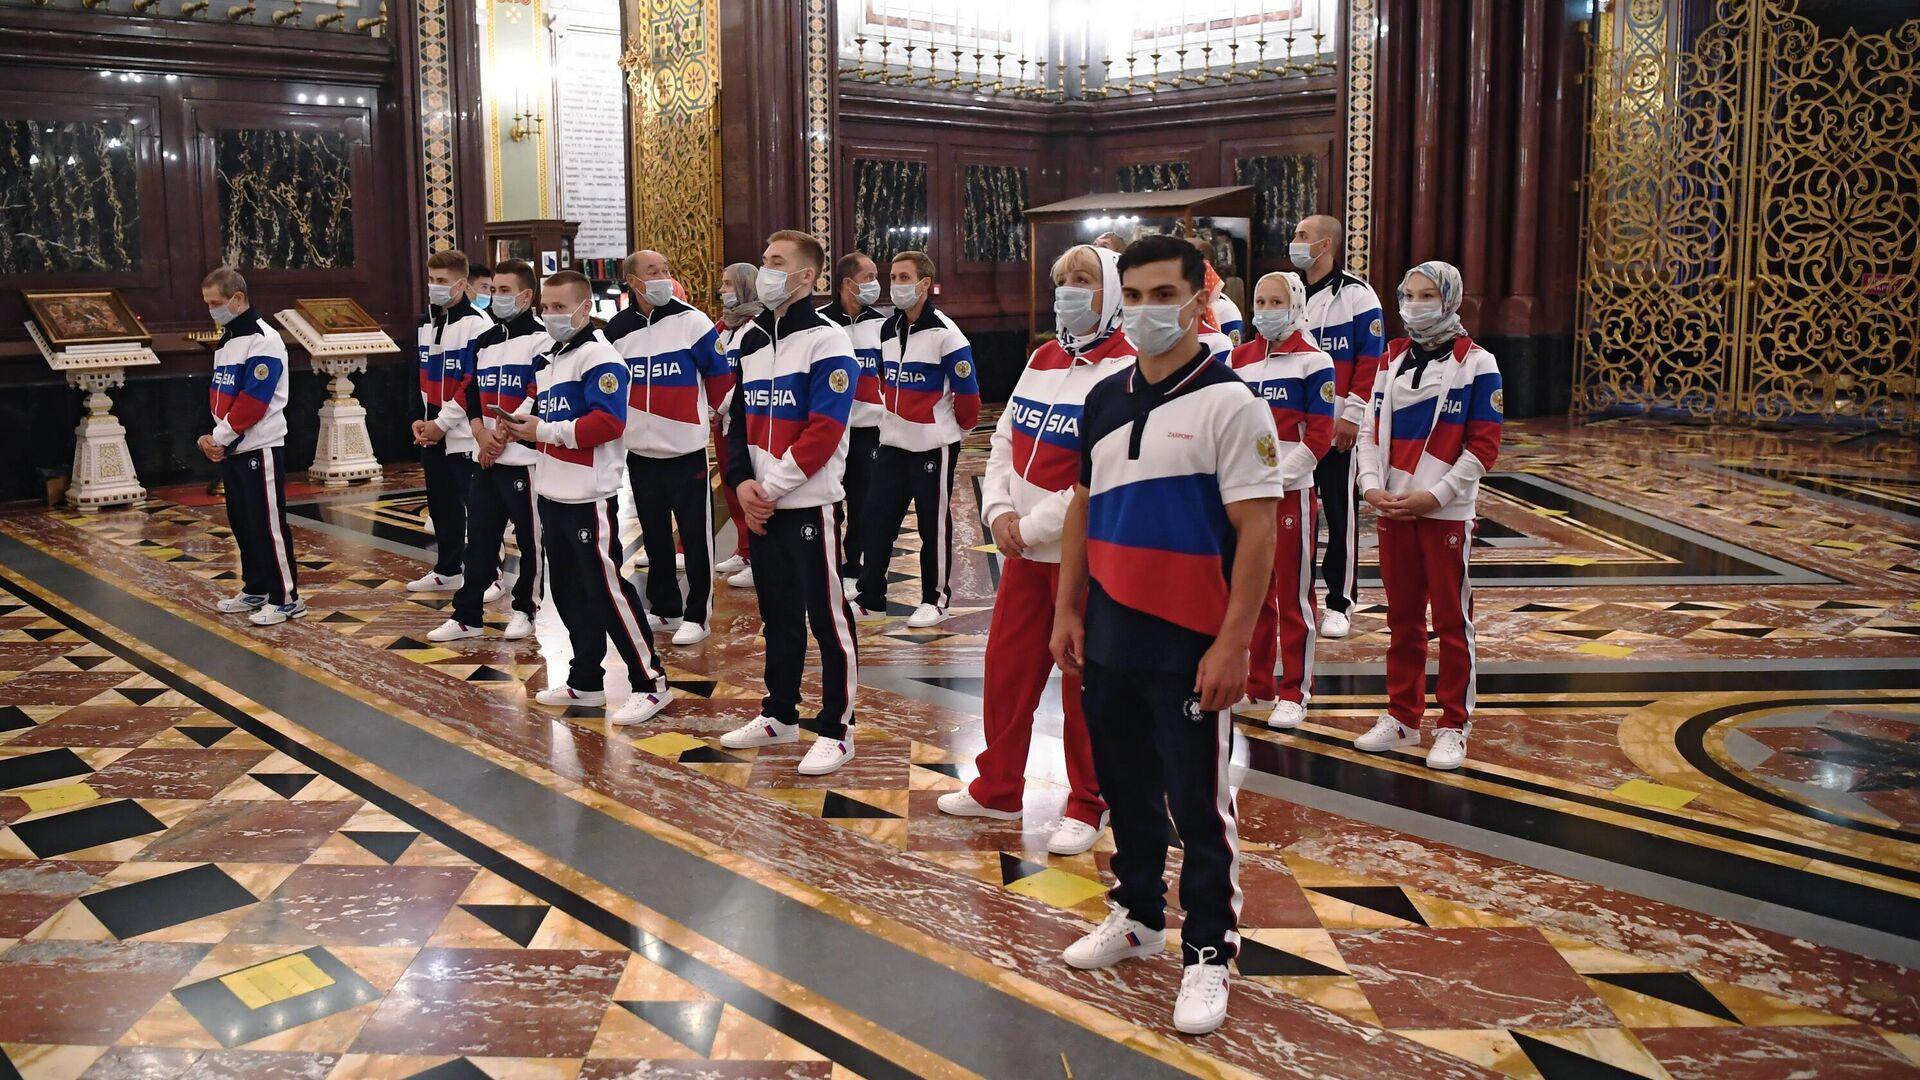 Молебен перед отъездом российских спортсменов в Токио  - РИА Новости, 1920, 01.07.2021